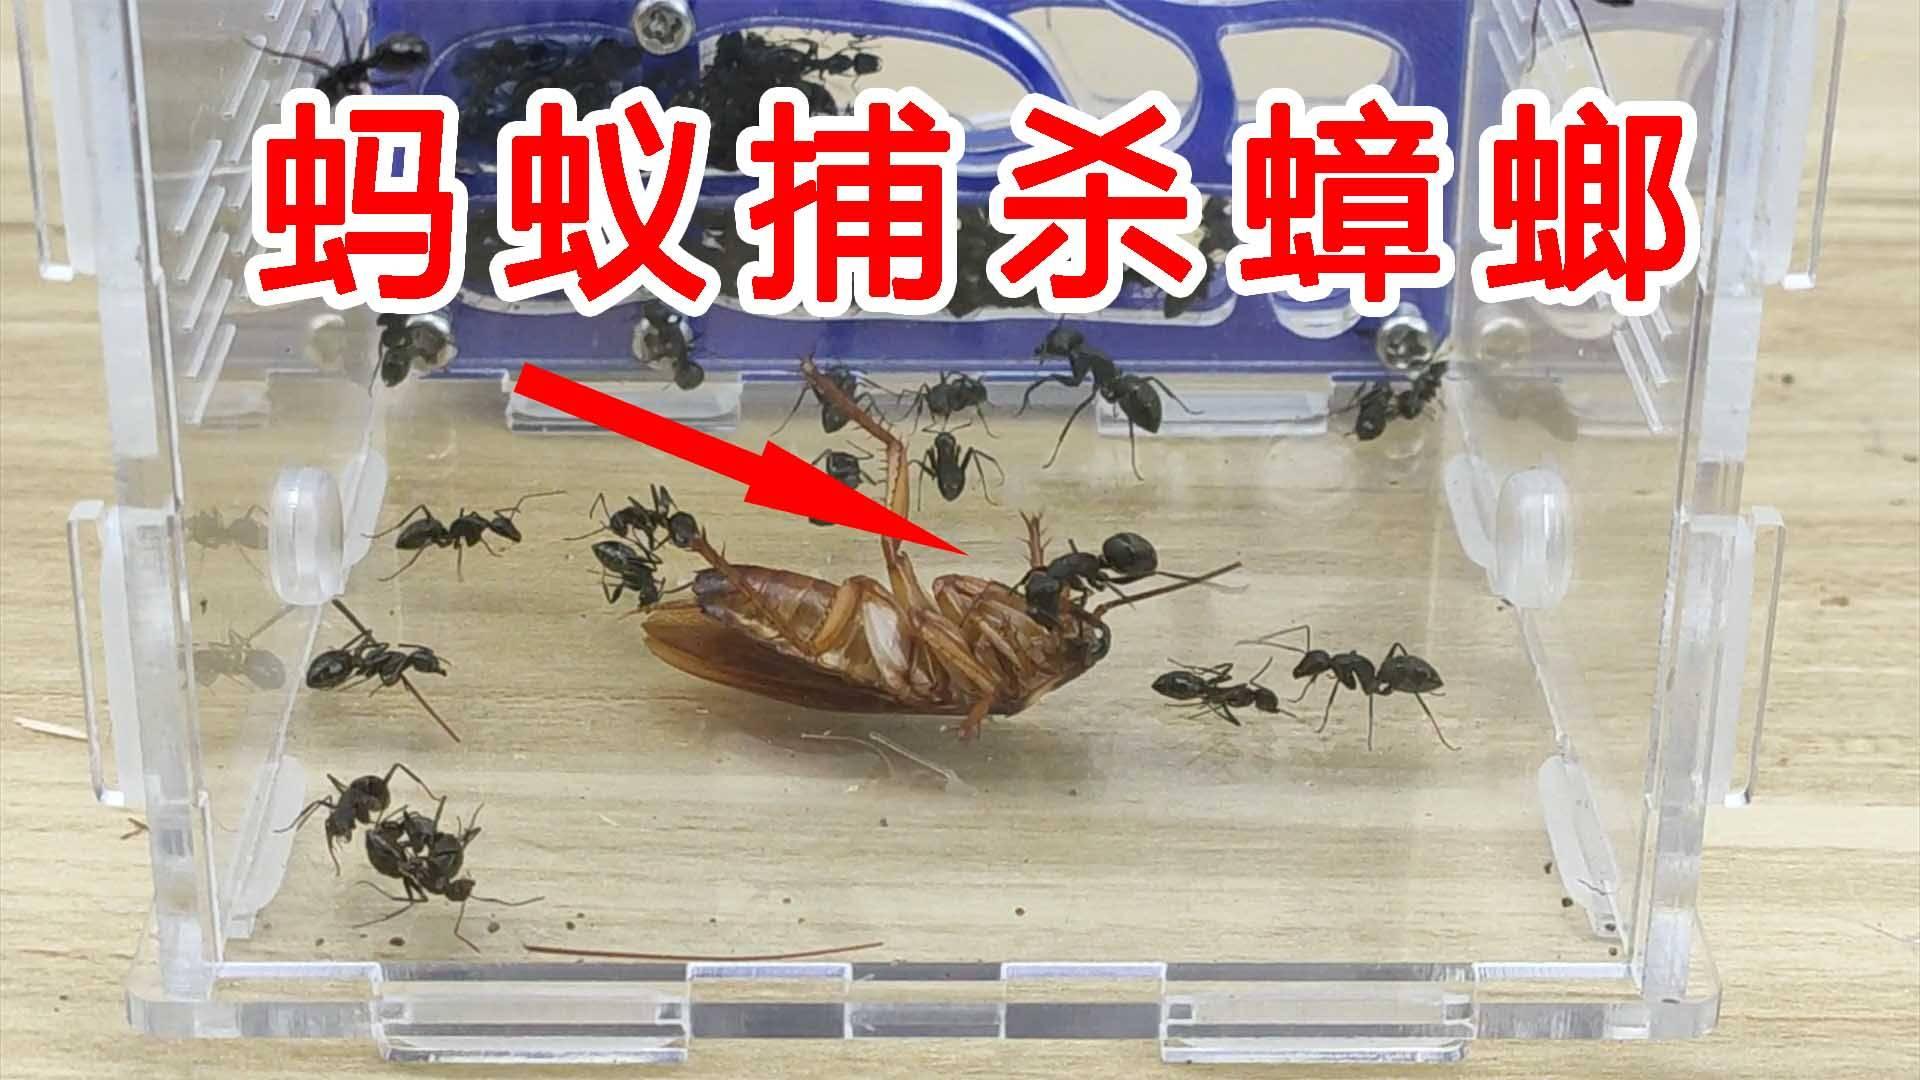 不可思议的攻击力!蚂蚁捕杀南方大蟑螂!